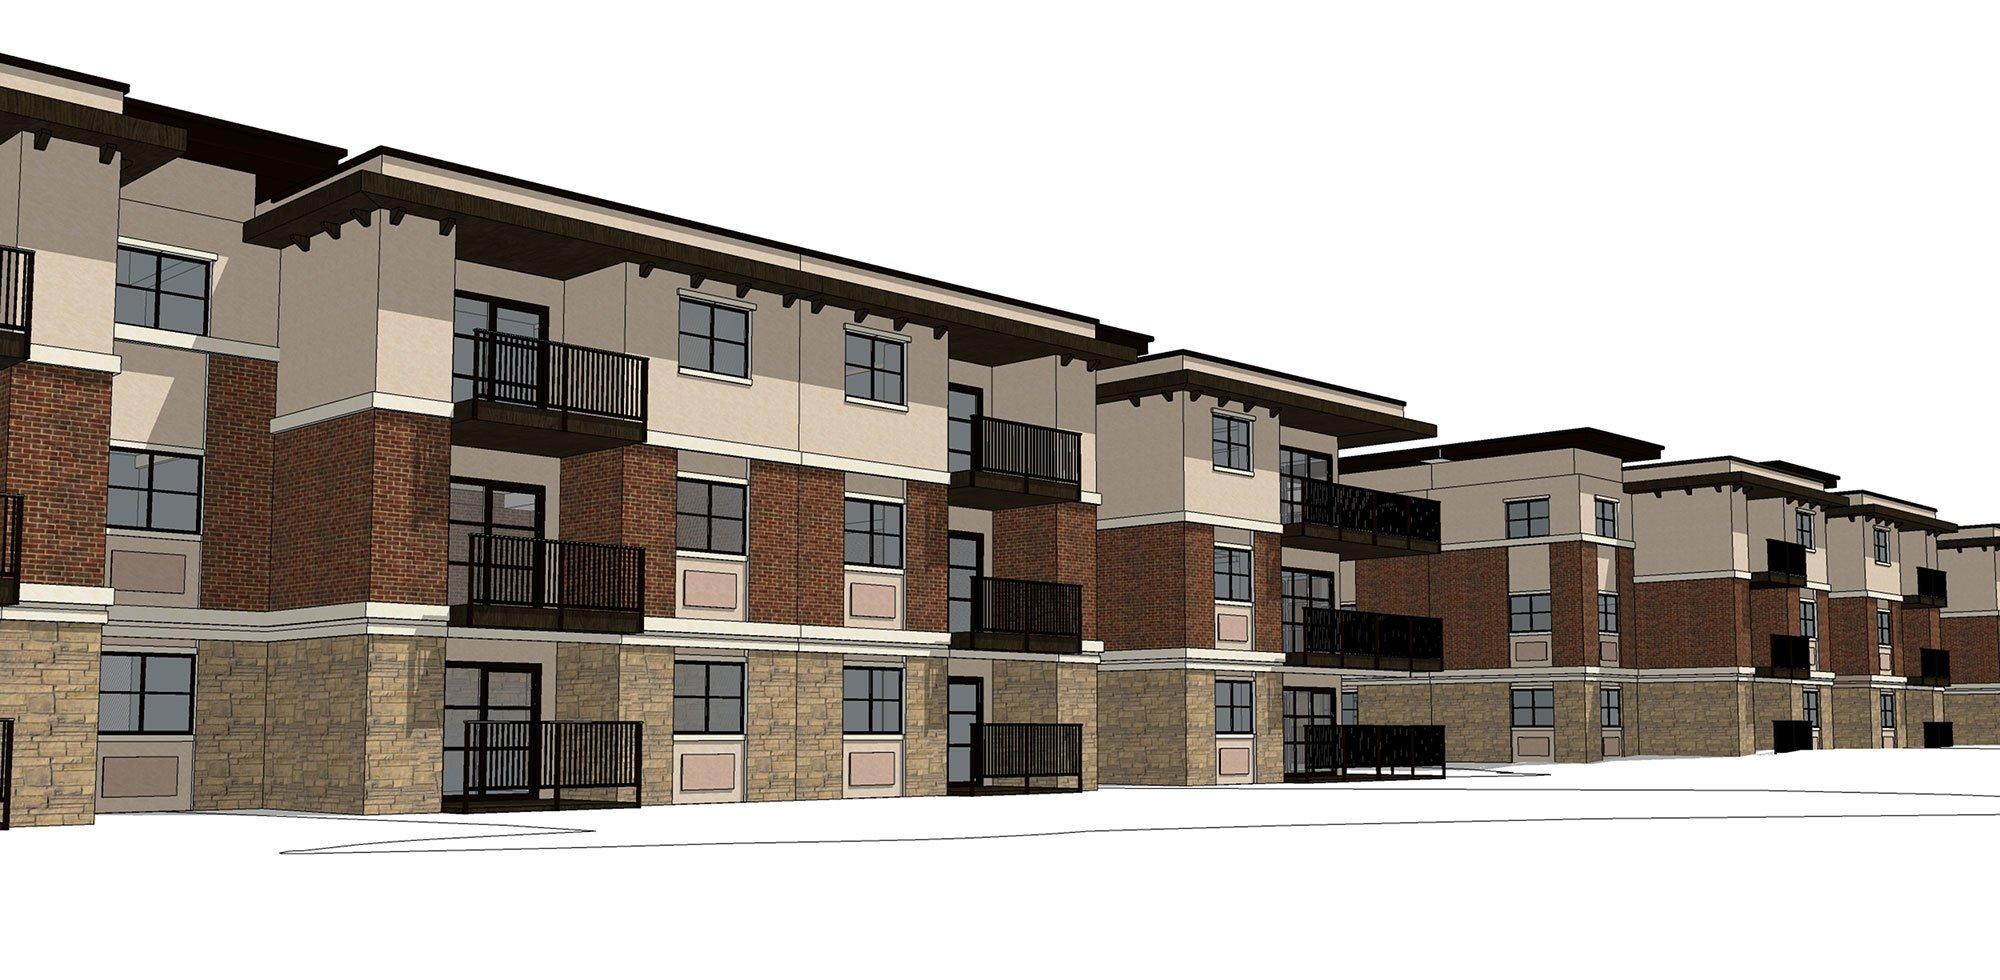 Campus Housing